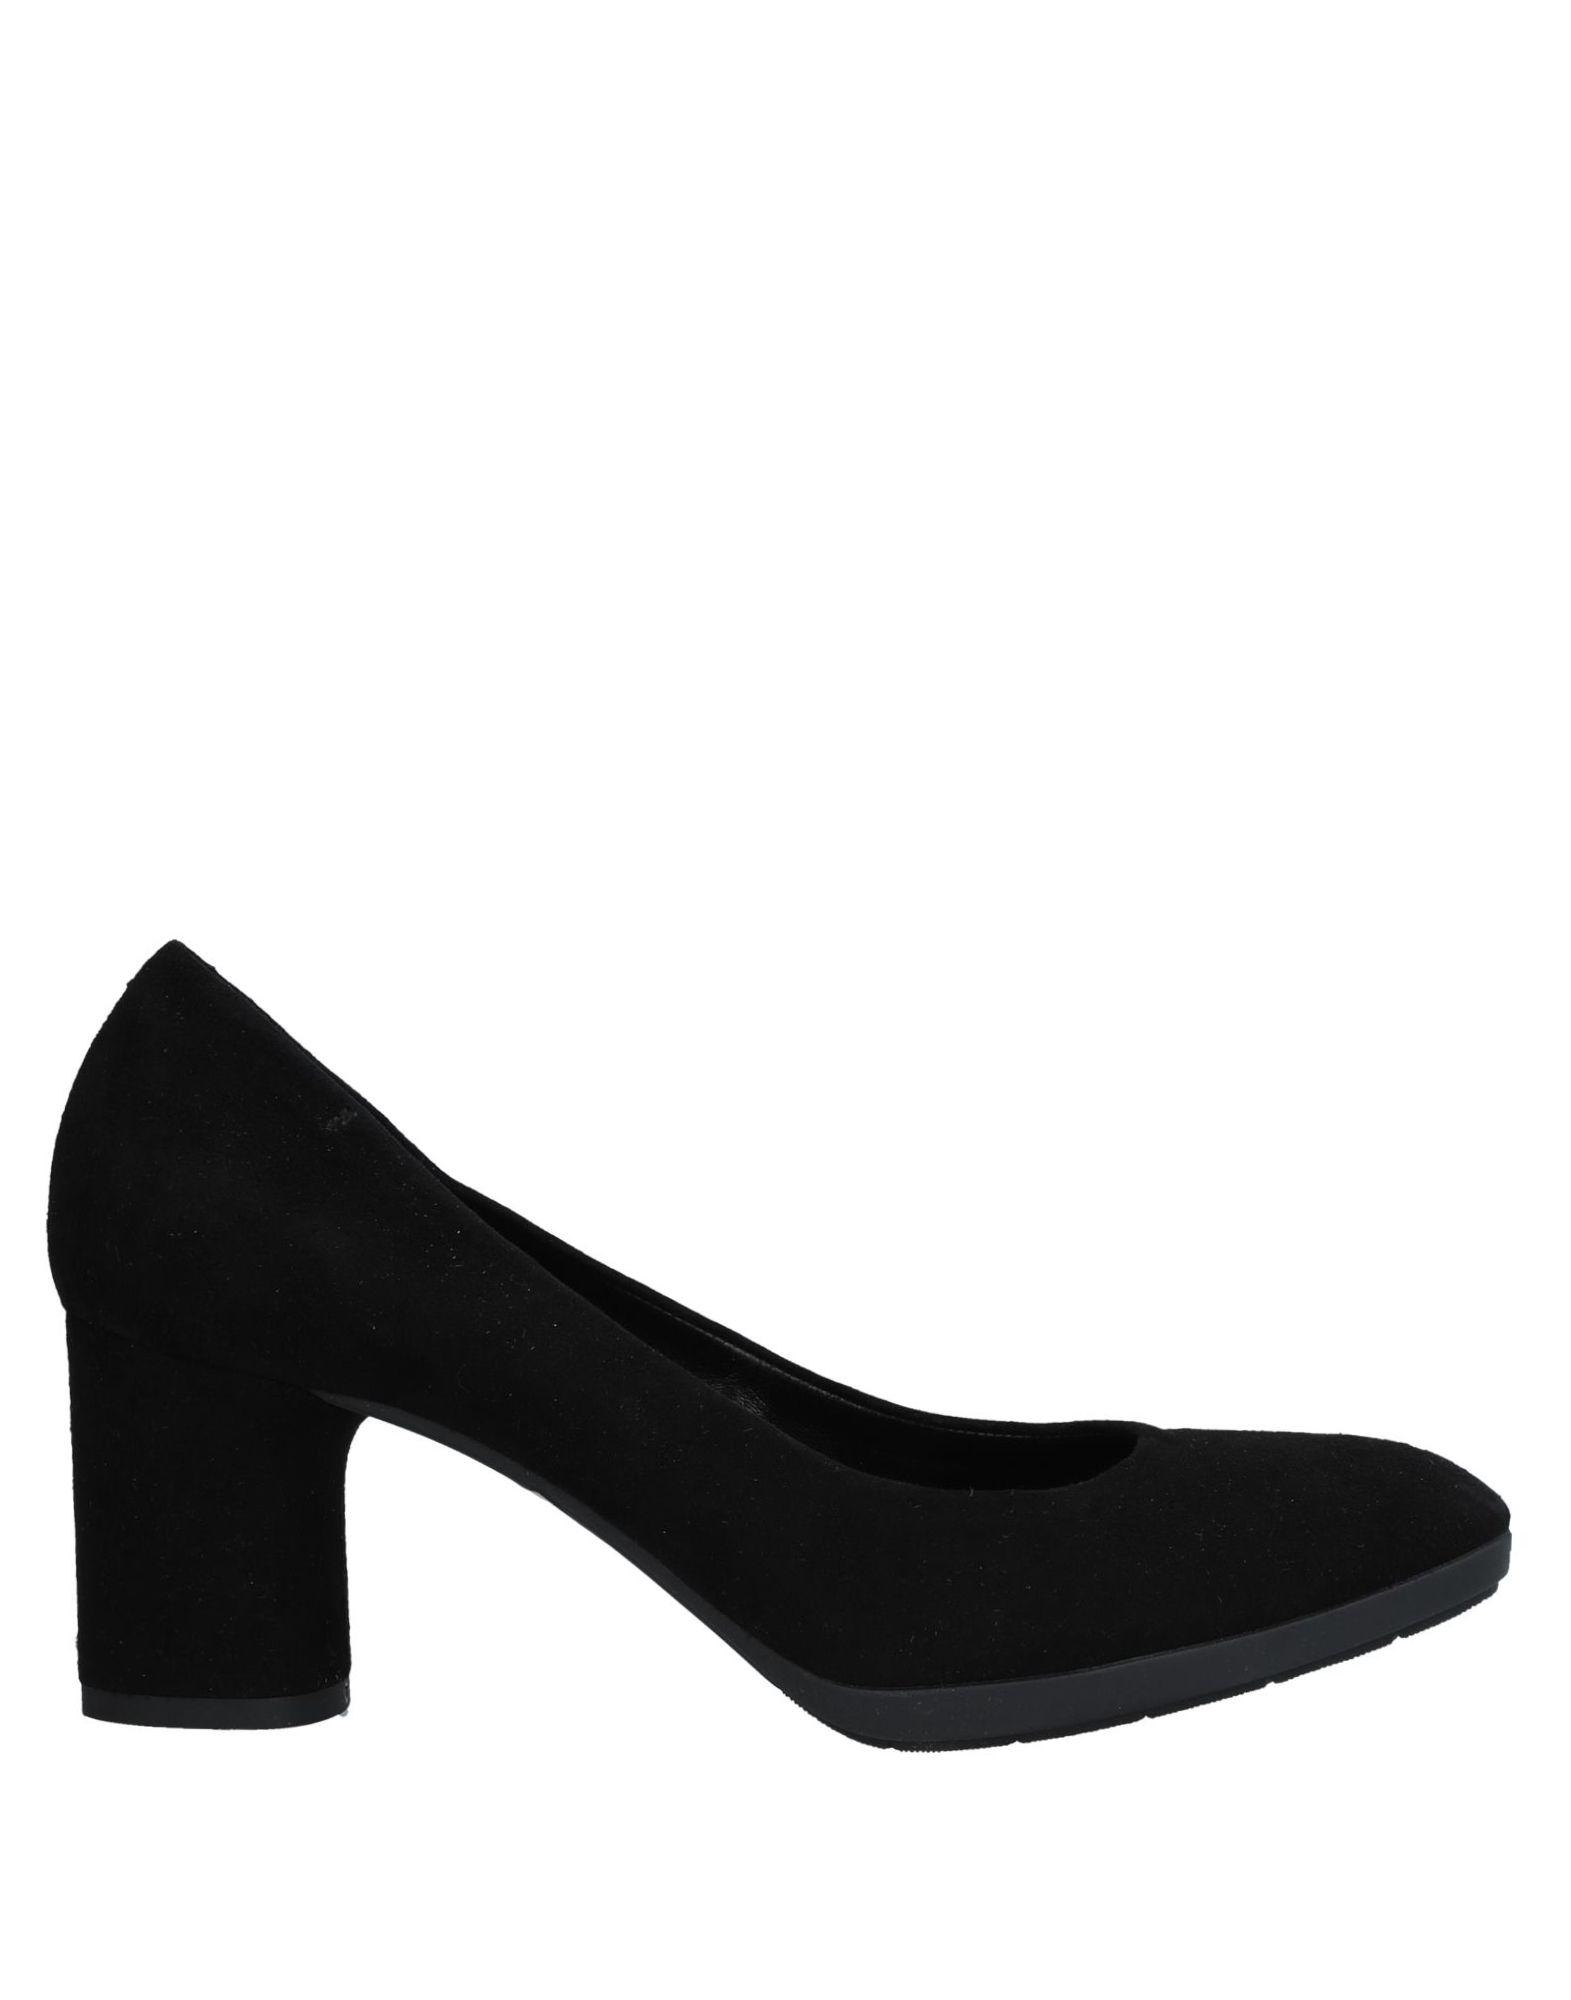 Guglielmo Rotta Pumps Damen  11536131WN Gute Qualität beliebte Schuhe